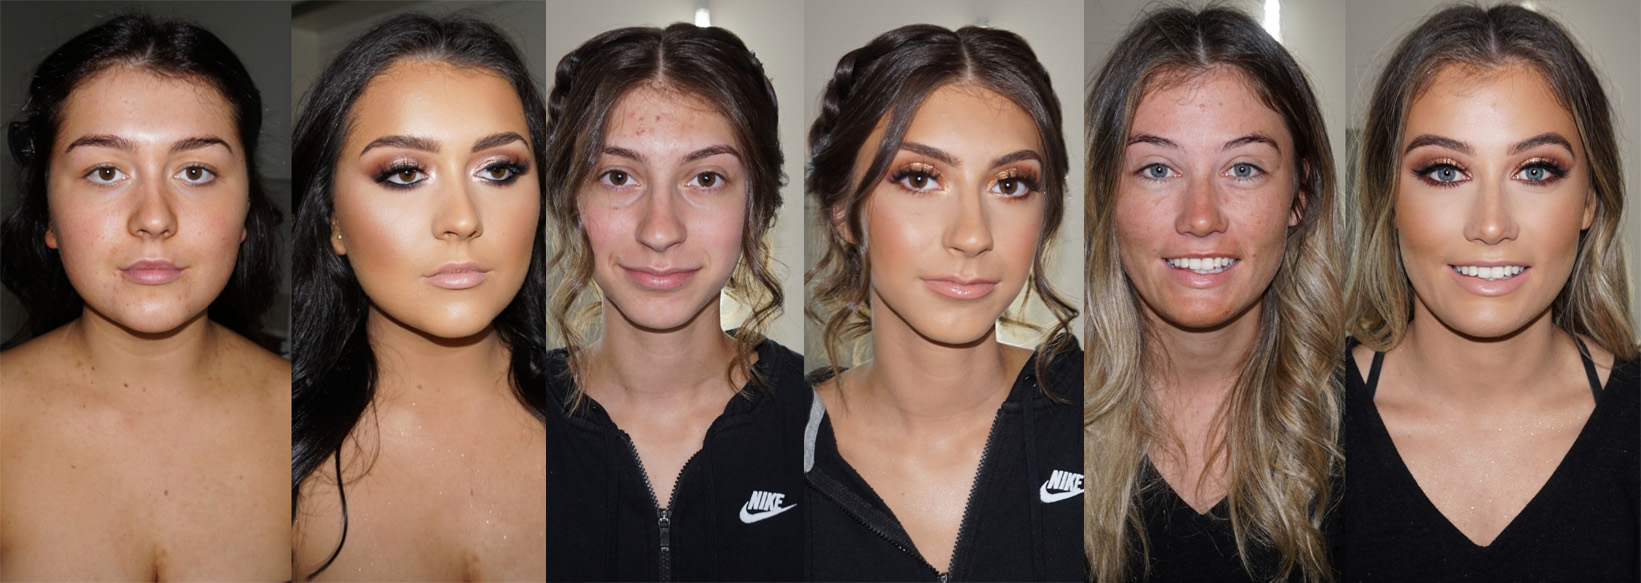 melbourne makeup workshop makeup seminar melbournemakeupartist